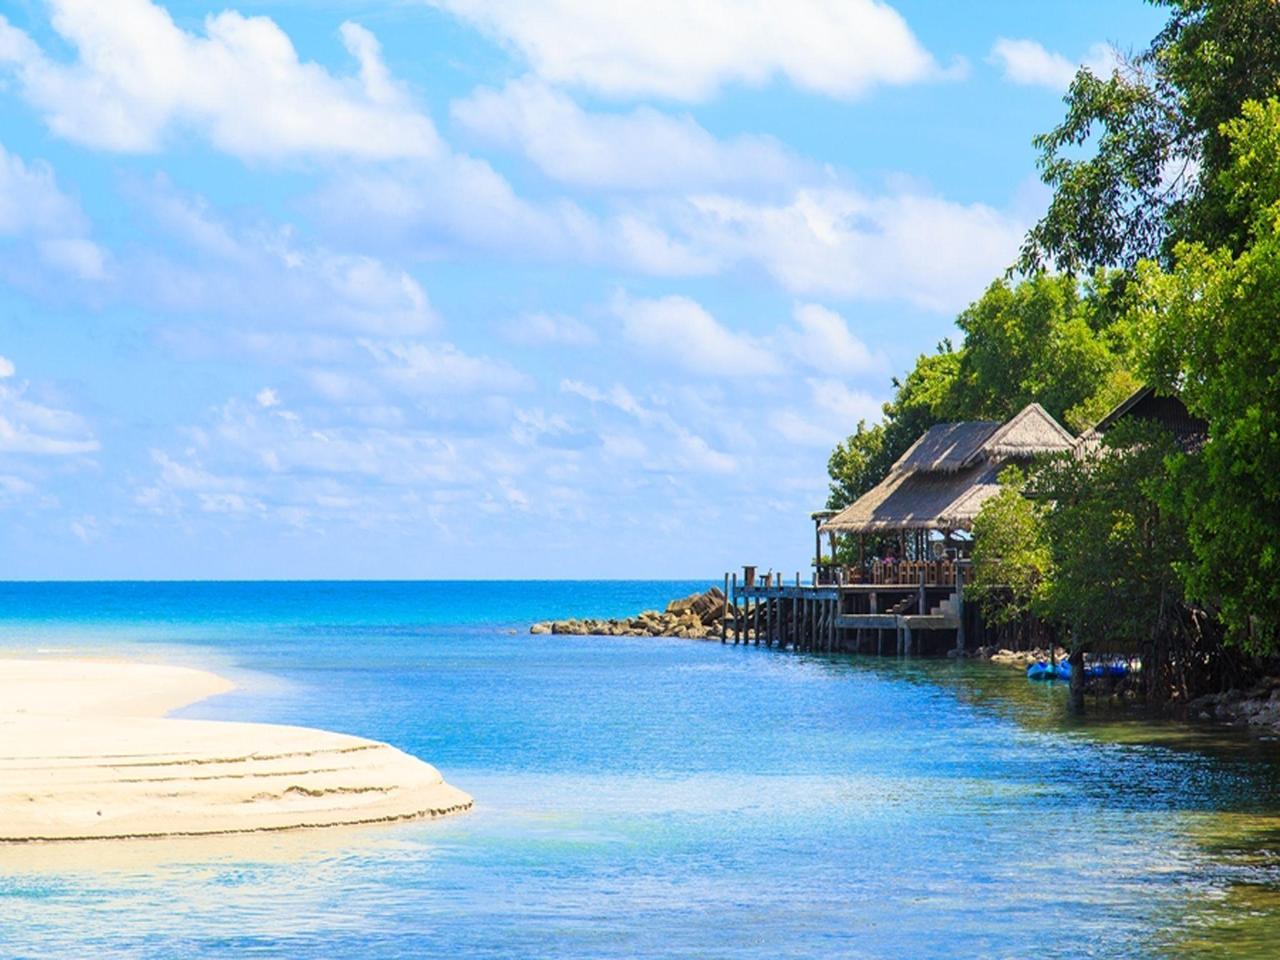 กัปตันฮุก รีสอร์ท (Captain Hook Resort)